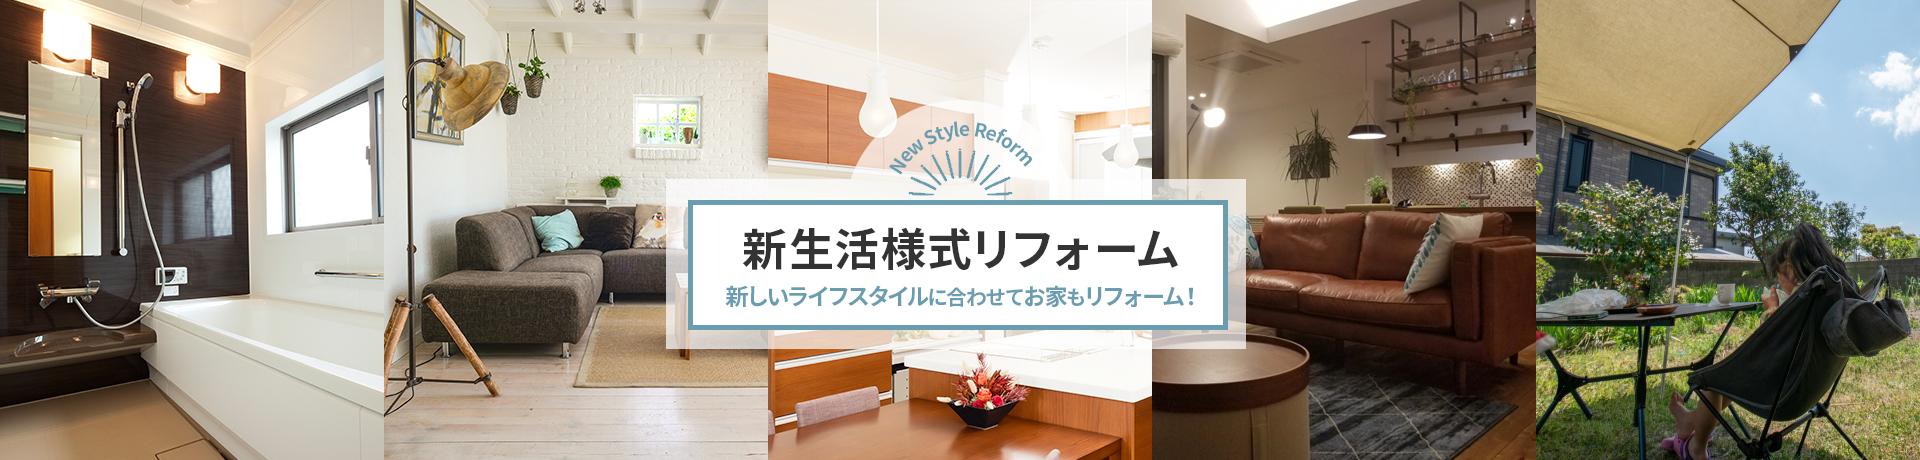 新生活様式リフォーム新しいライフスタイルに合わせてお家もリフォーム!給付金を活用しませんか?